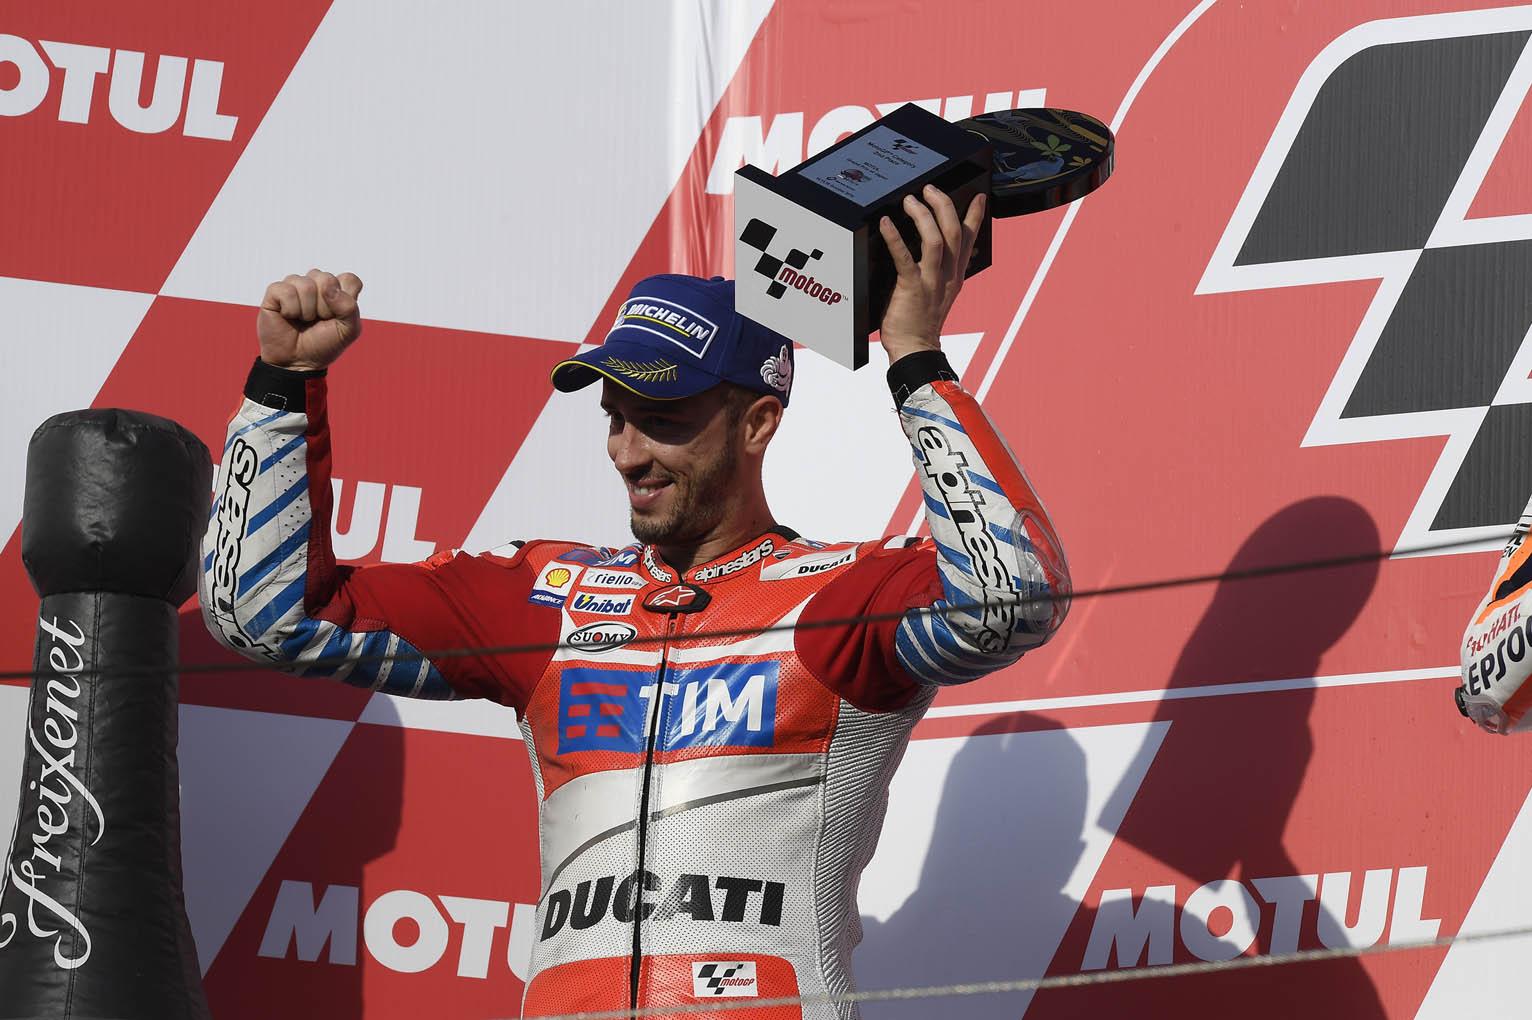 dovi-podium